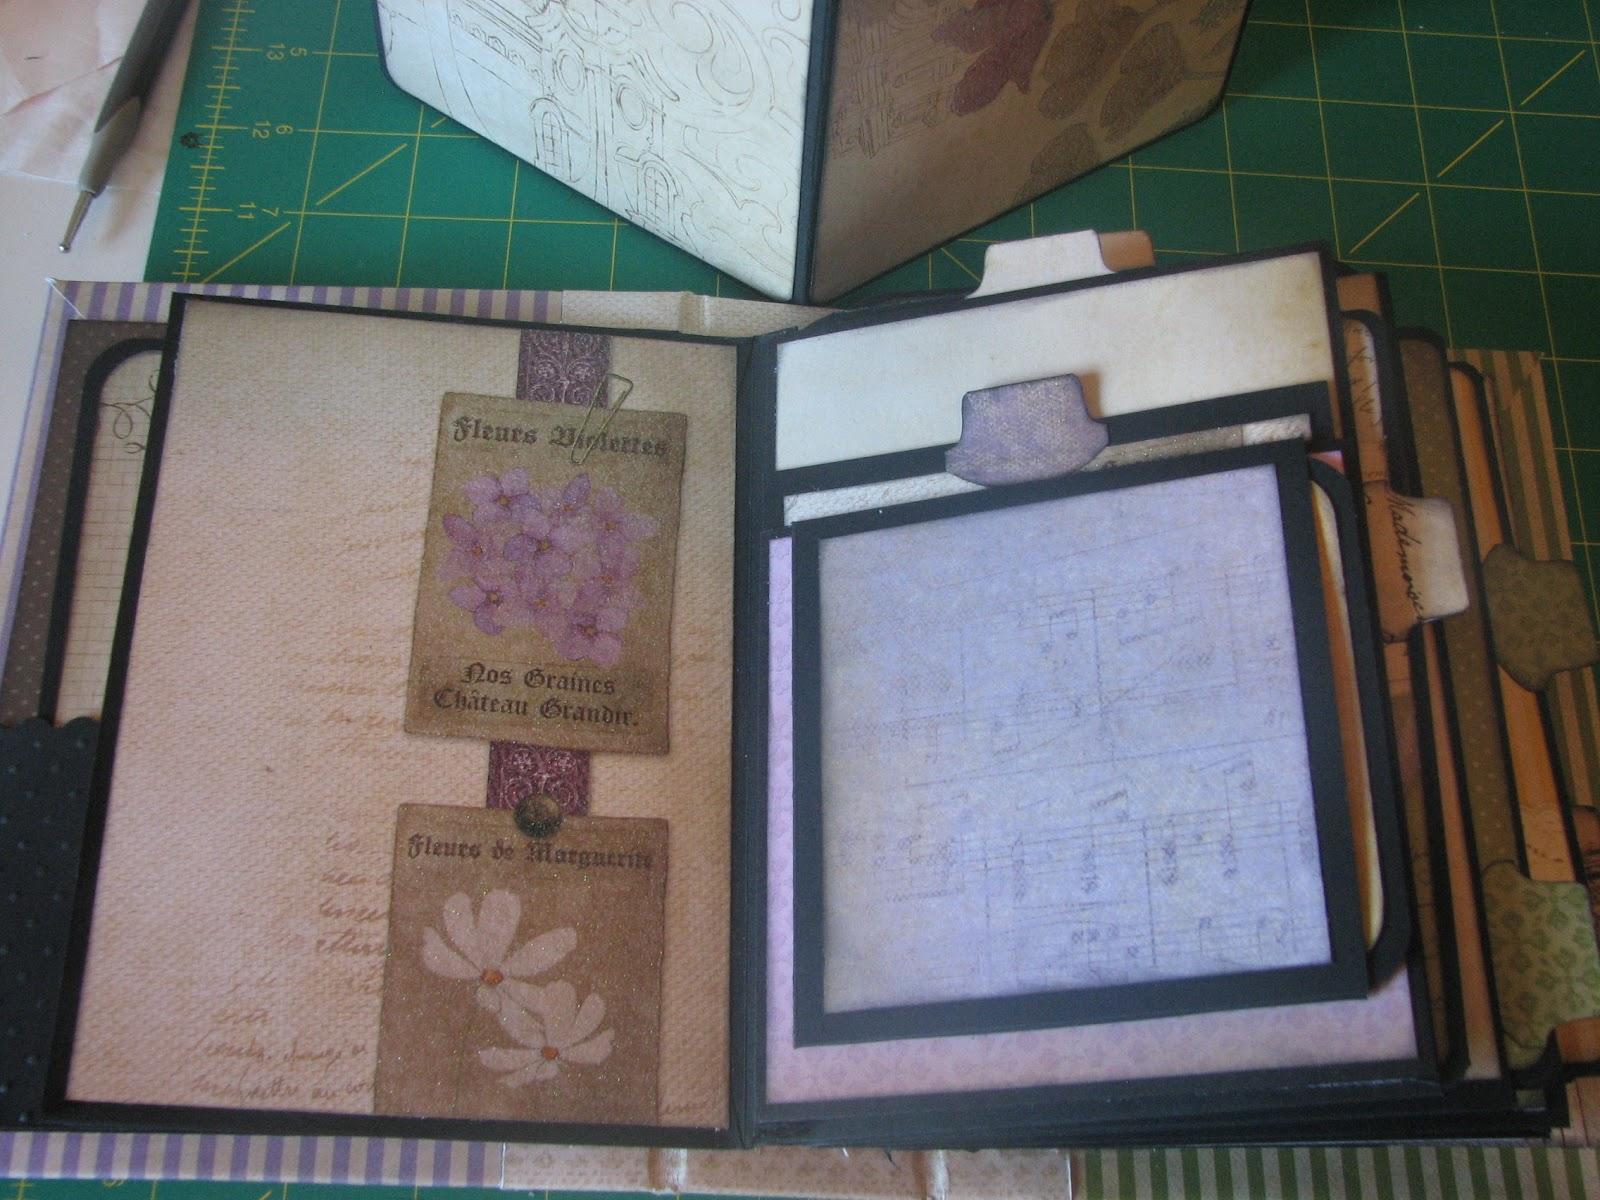 Garden of CreativityEnvelope mini album with a chipboard spine